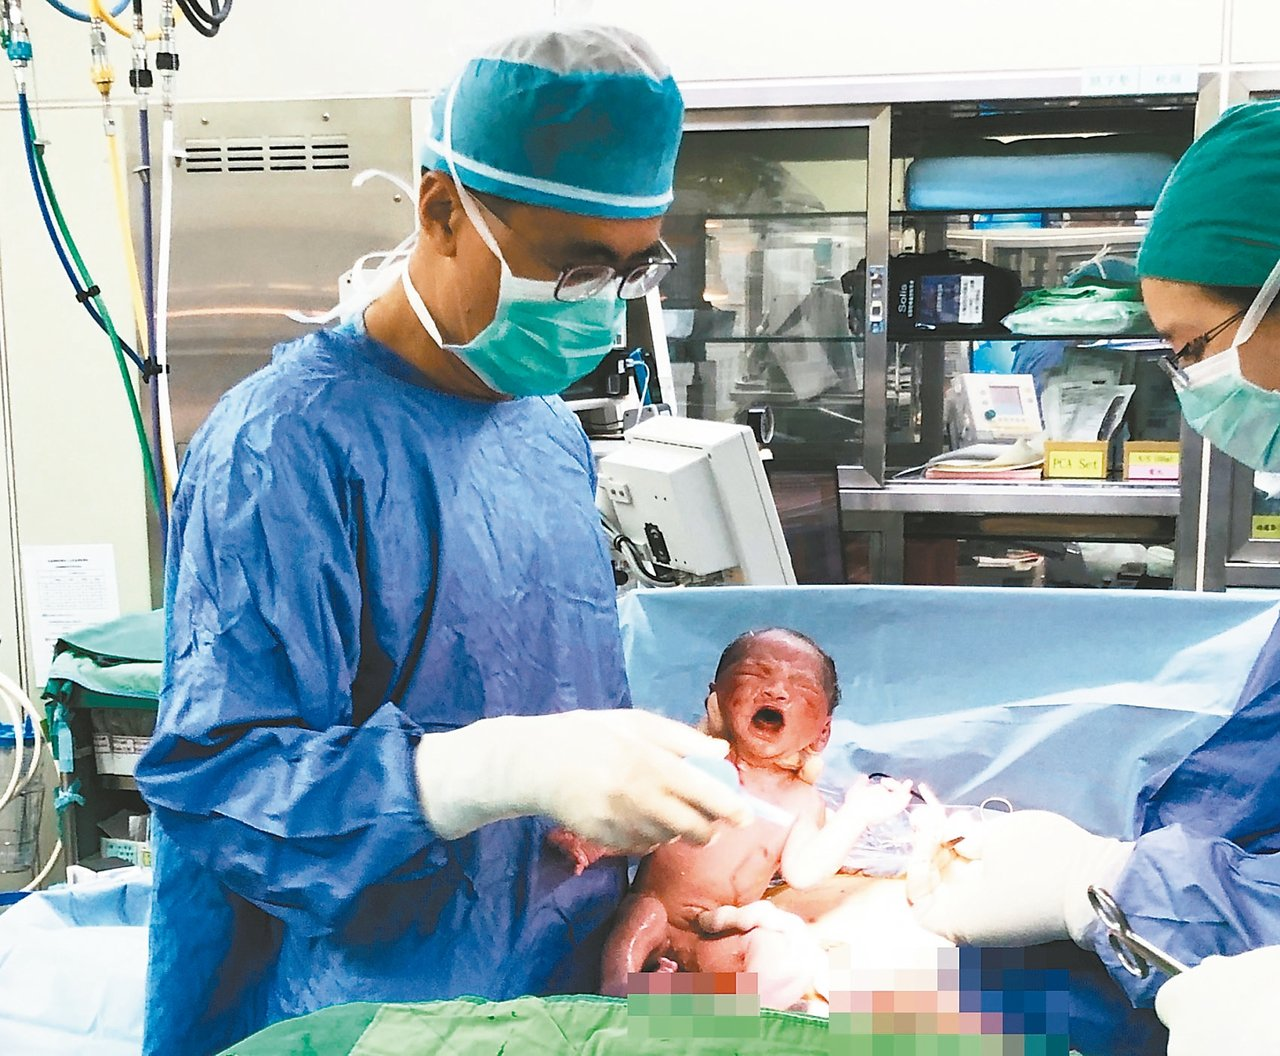 郭成興曾創下單月個人接生78位新生兒最多紀錄。 圖/郭成興提供